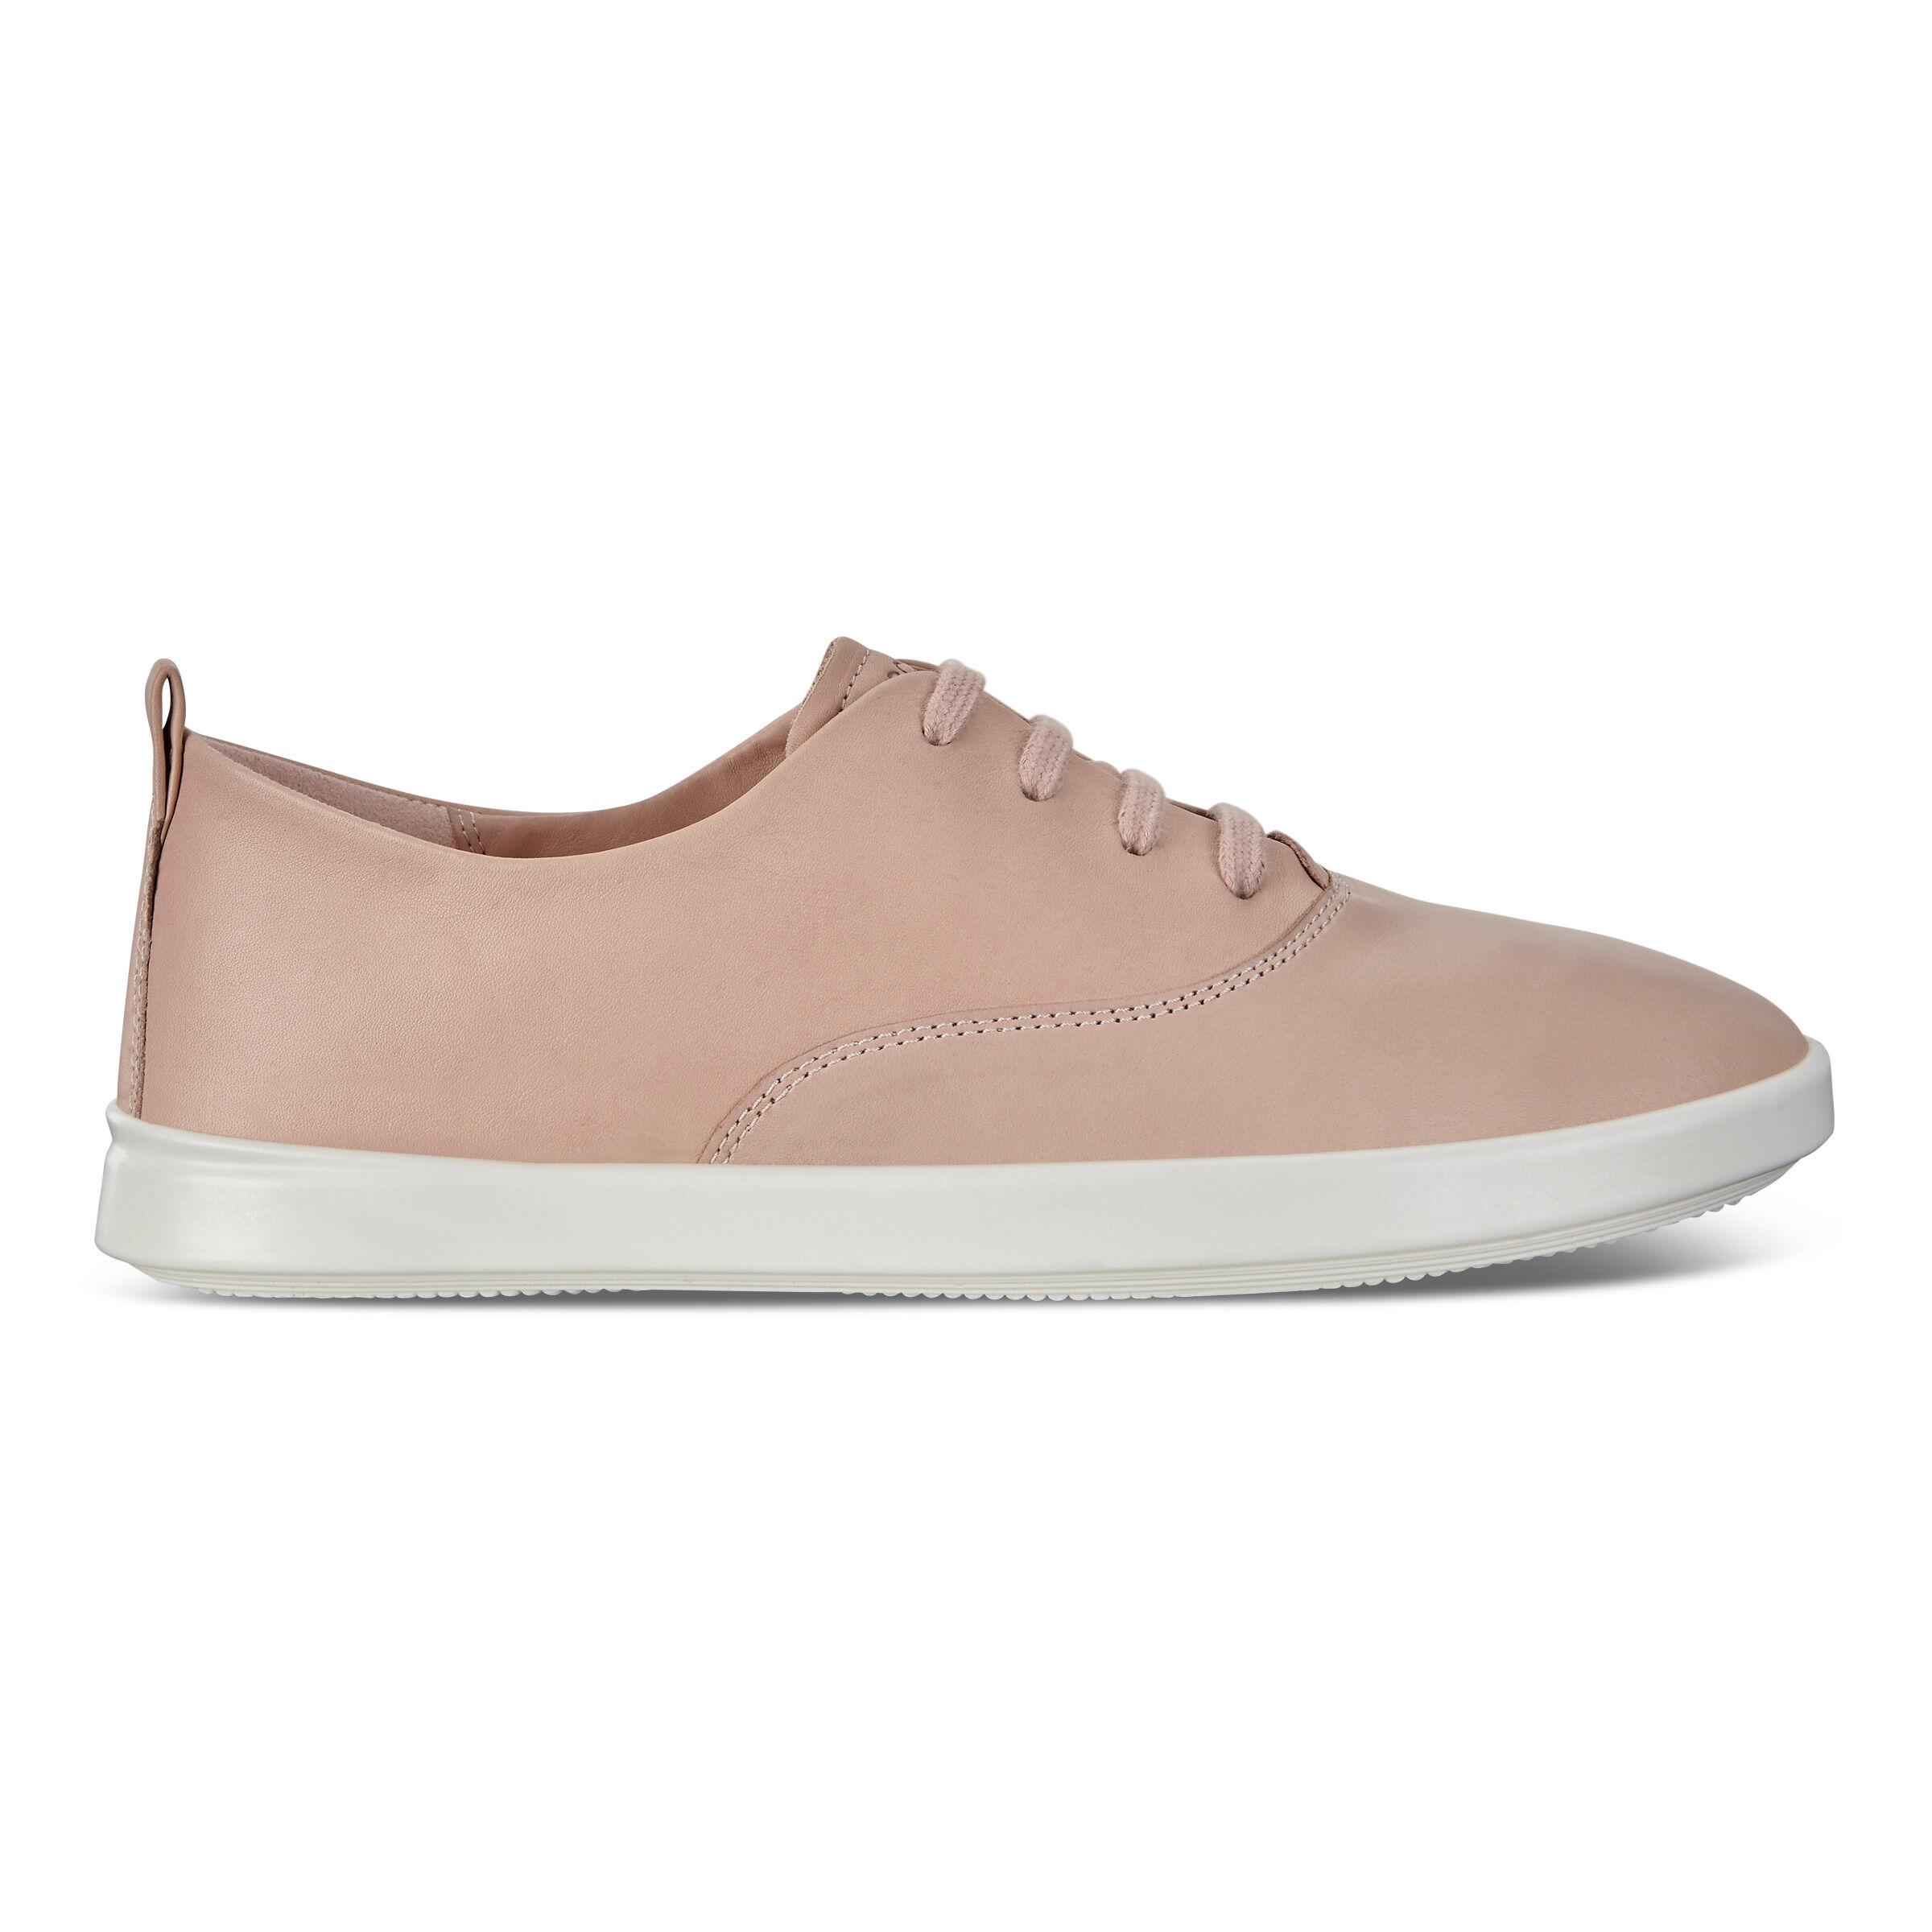 Women's Casual Shoes | ECCO® Shoes